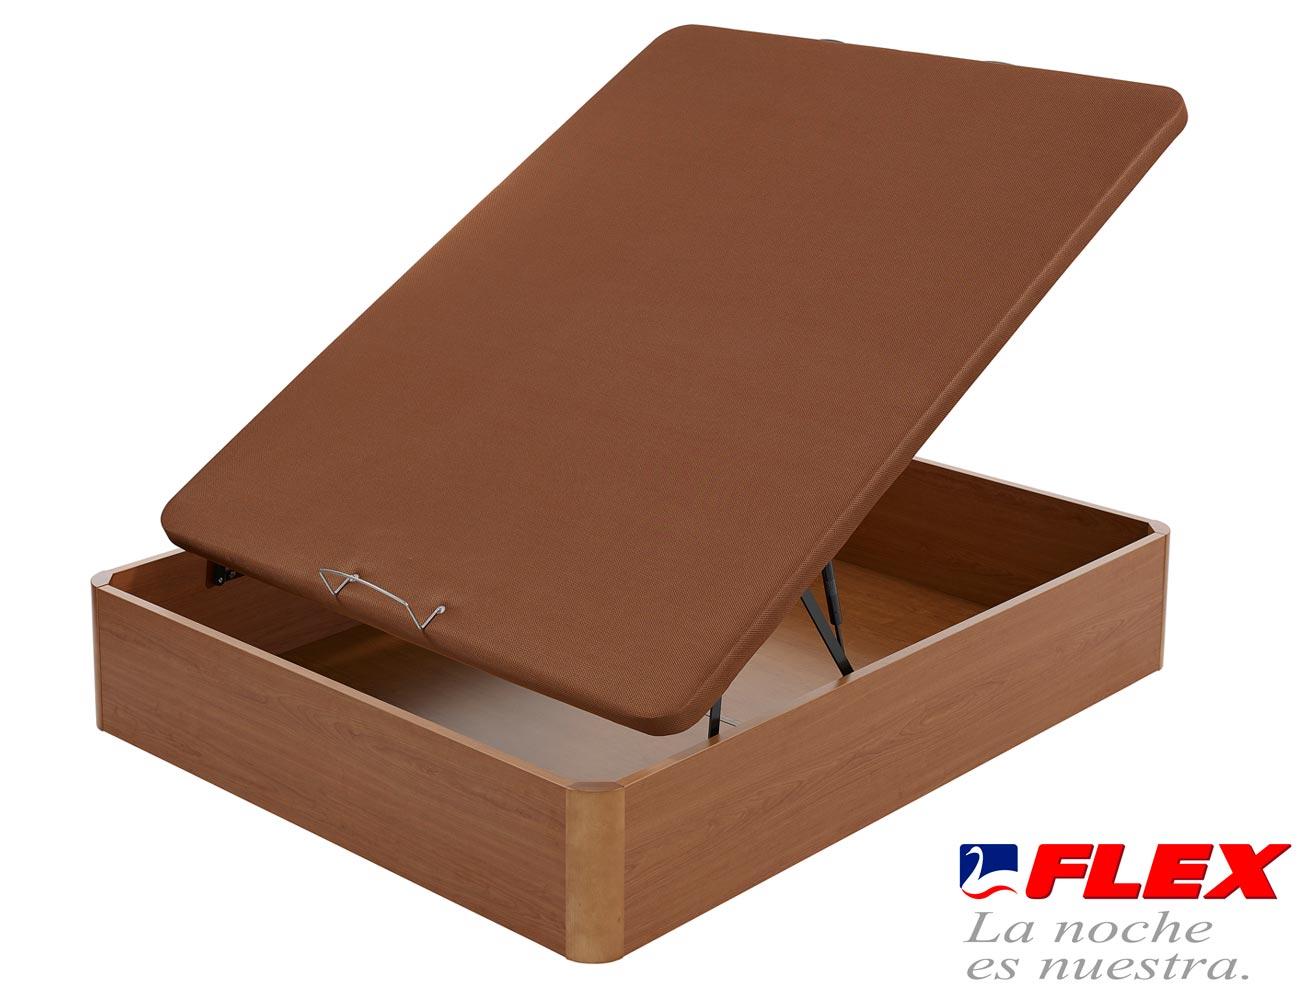 Canape flex madera abatible tapa3d 8314